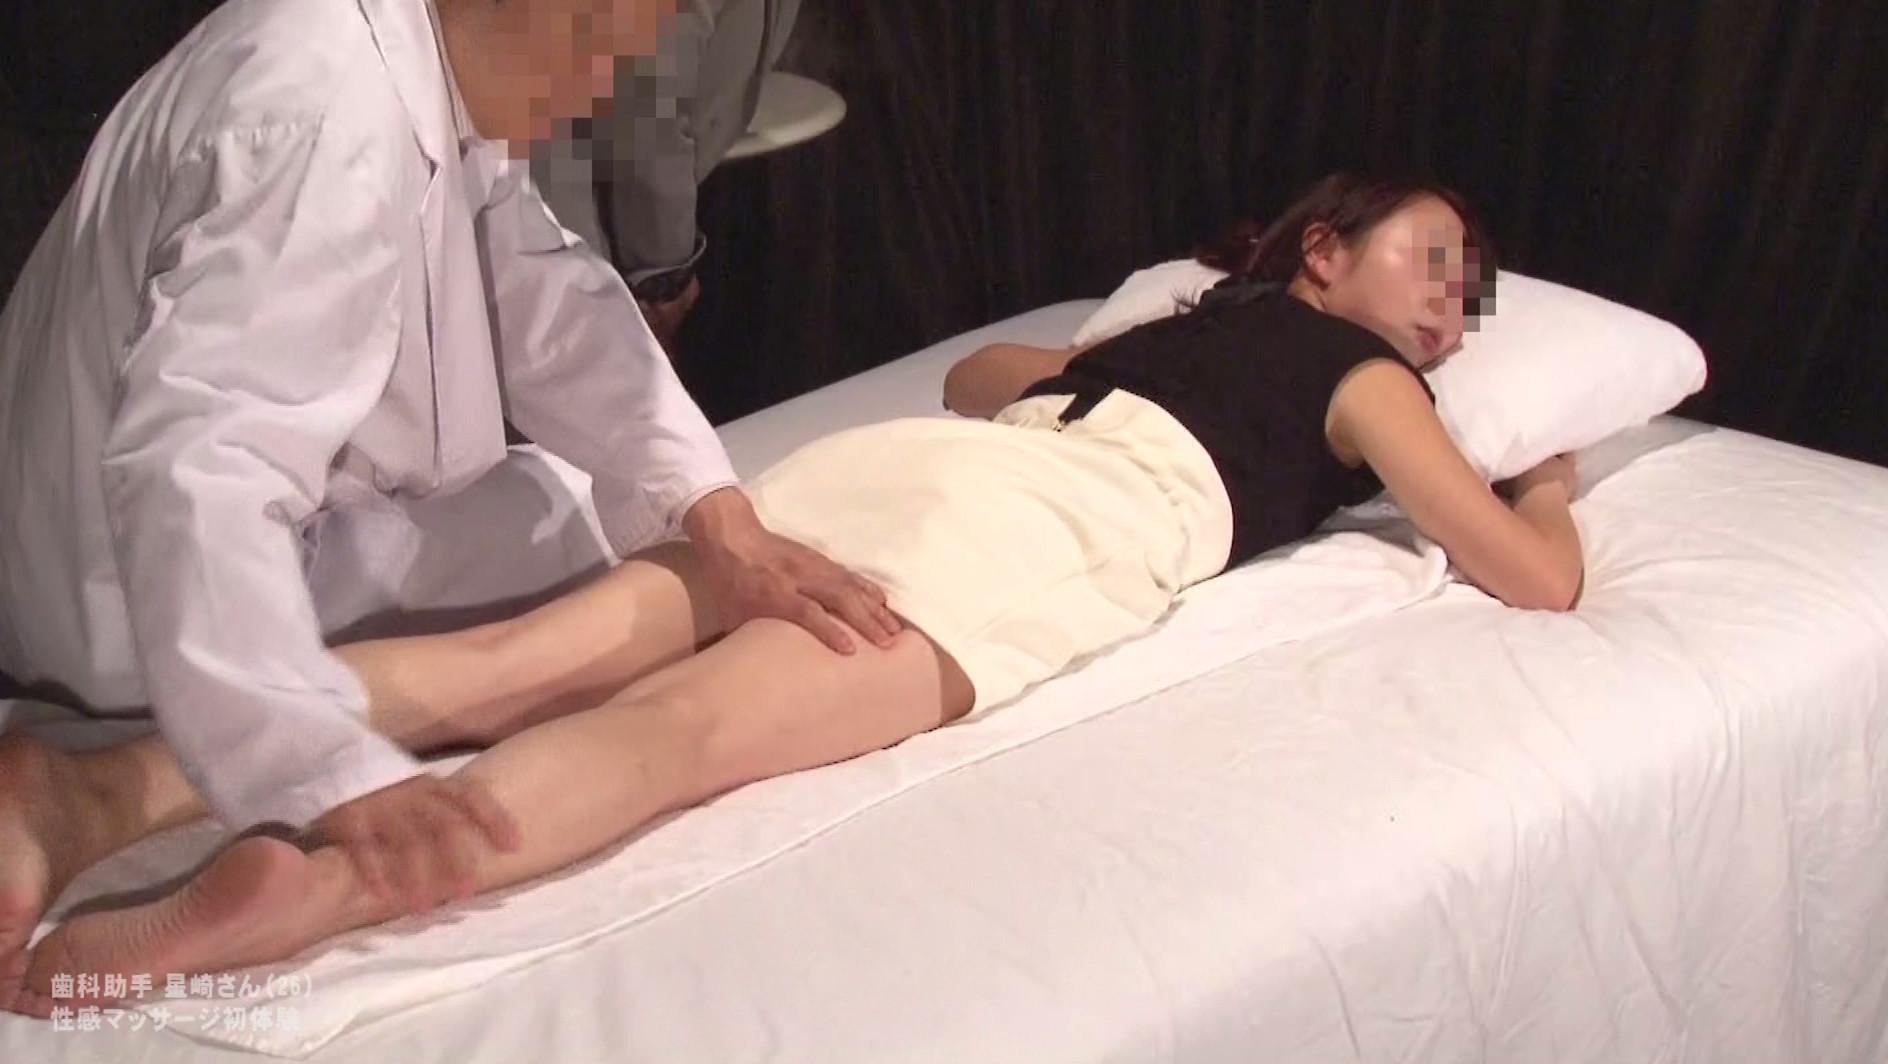 かわいい歯科助手のお姉さんを性感マッサージでとことんイカせてみた 画像14